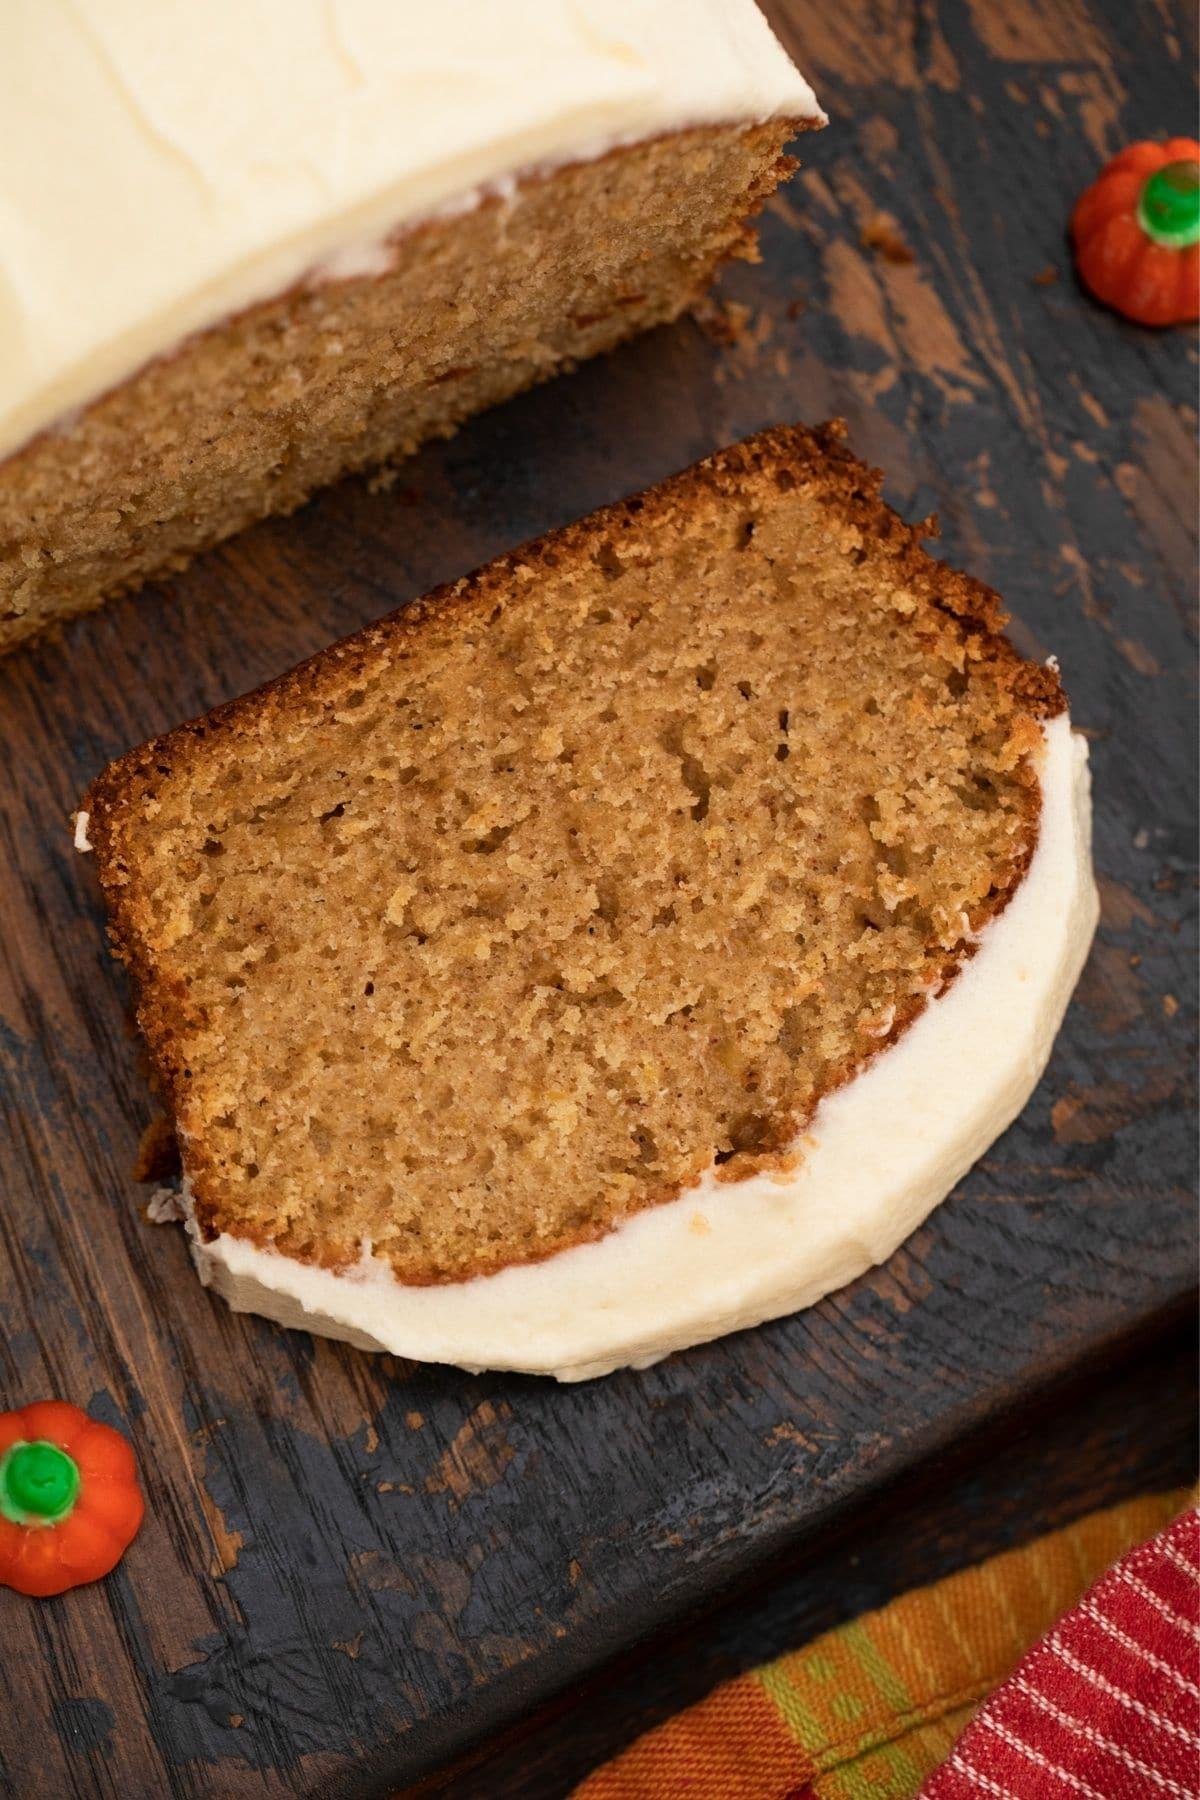 Single slice of pumpkin bread on dark wood board